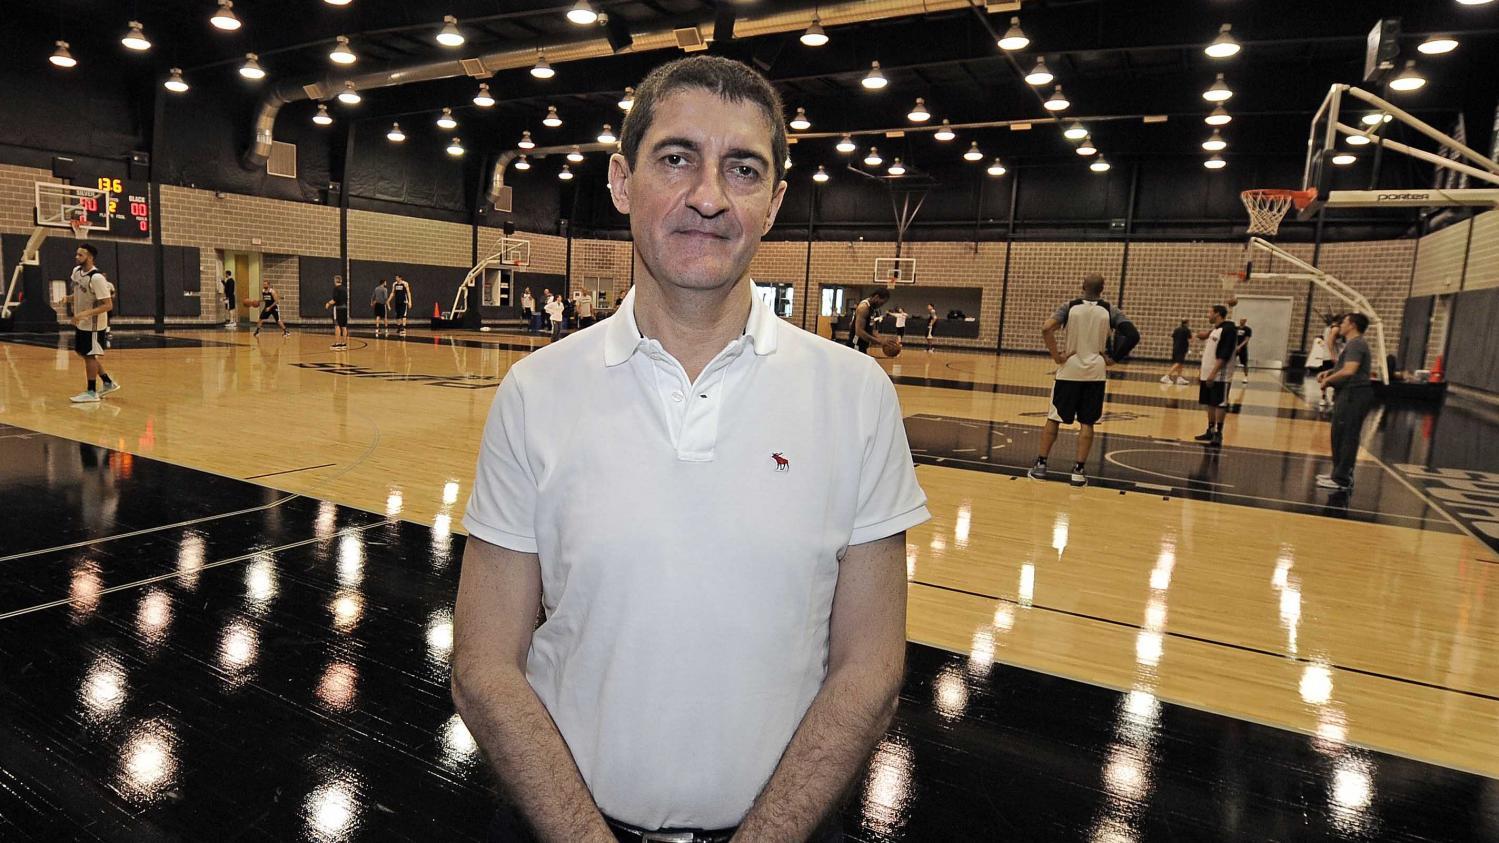 """Budget des sports : """"Je suis très inquiet pour les clubs"""", confie le président de la Fédération française de basket"""